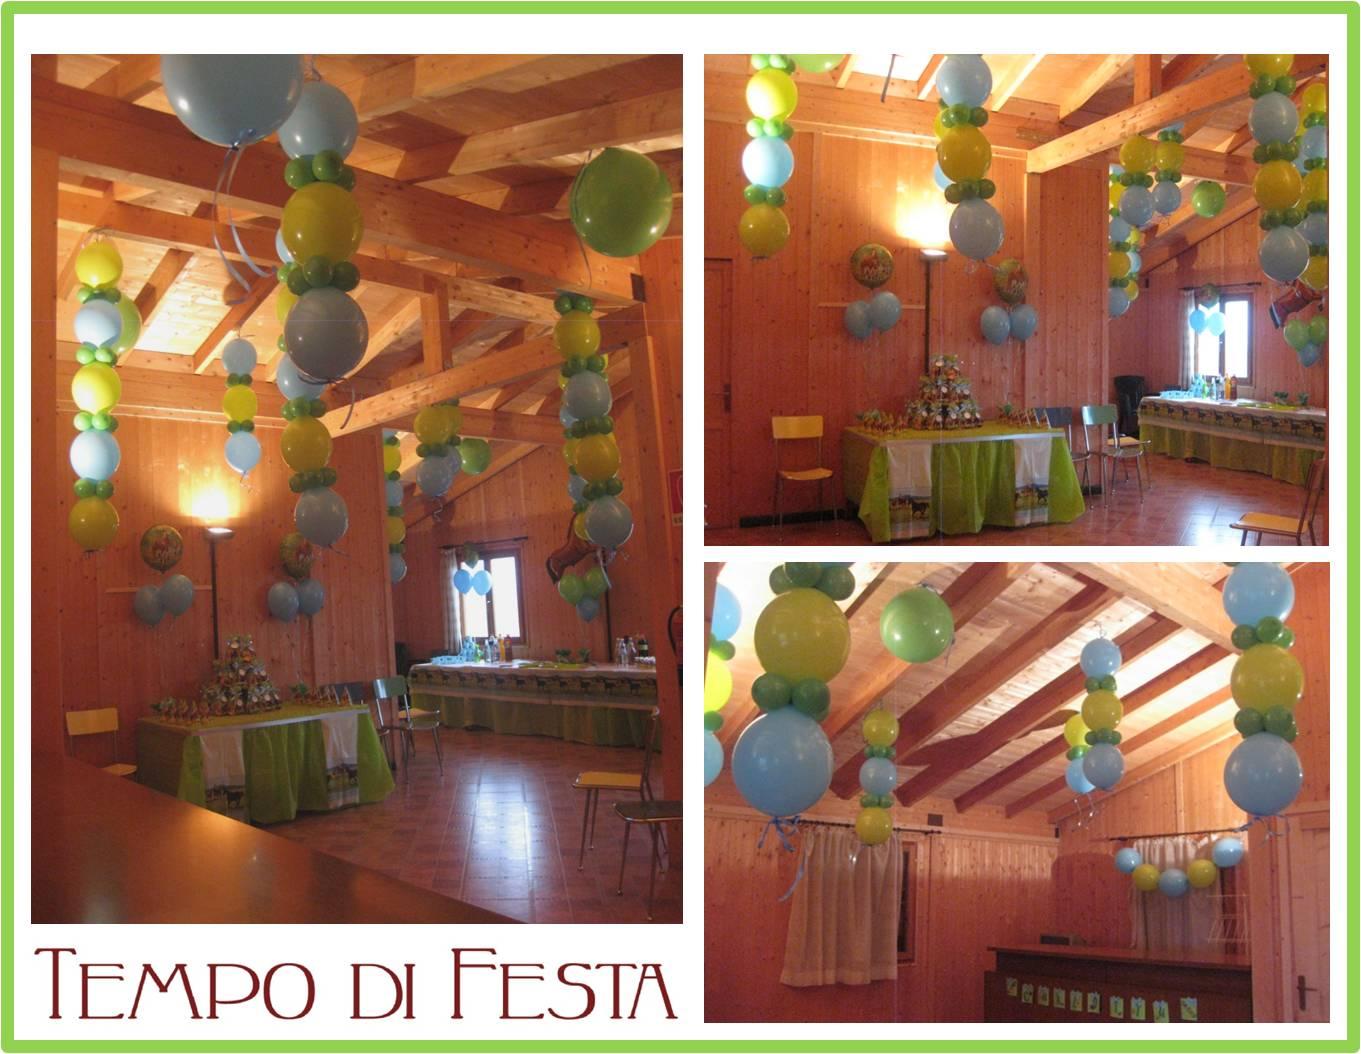 Decorazioni Sala Laurea : Decorazioni sala per laurea: big party set decorazioni laurea